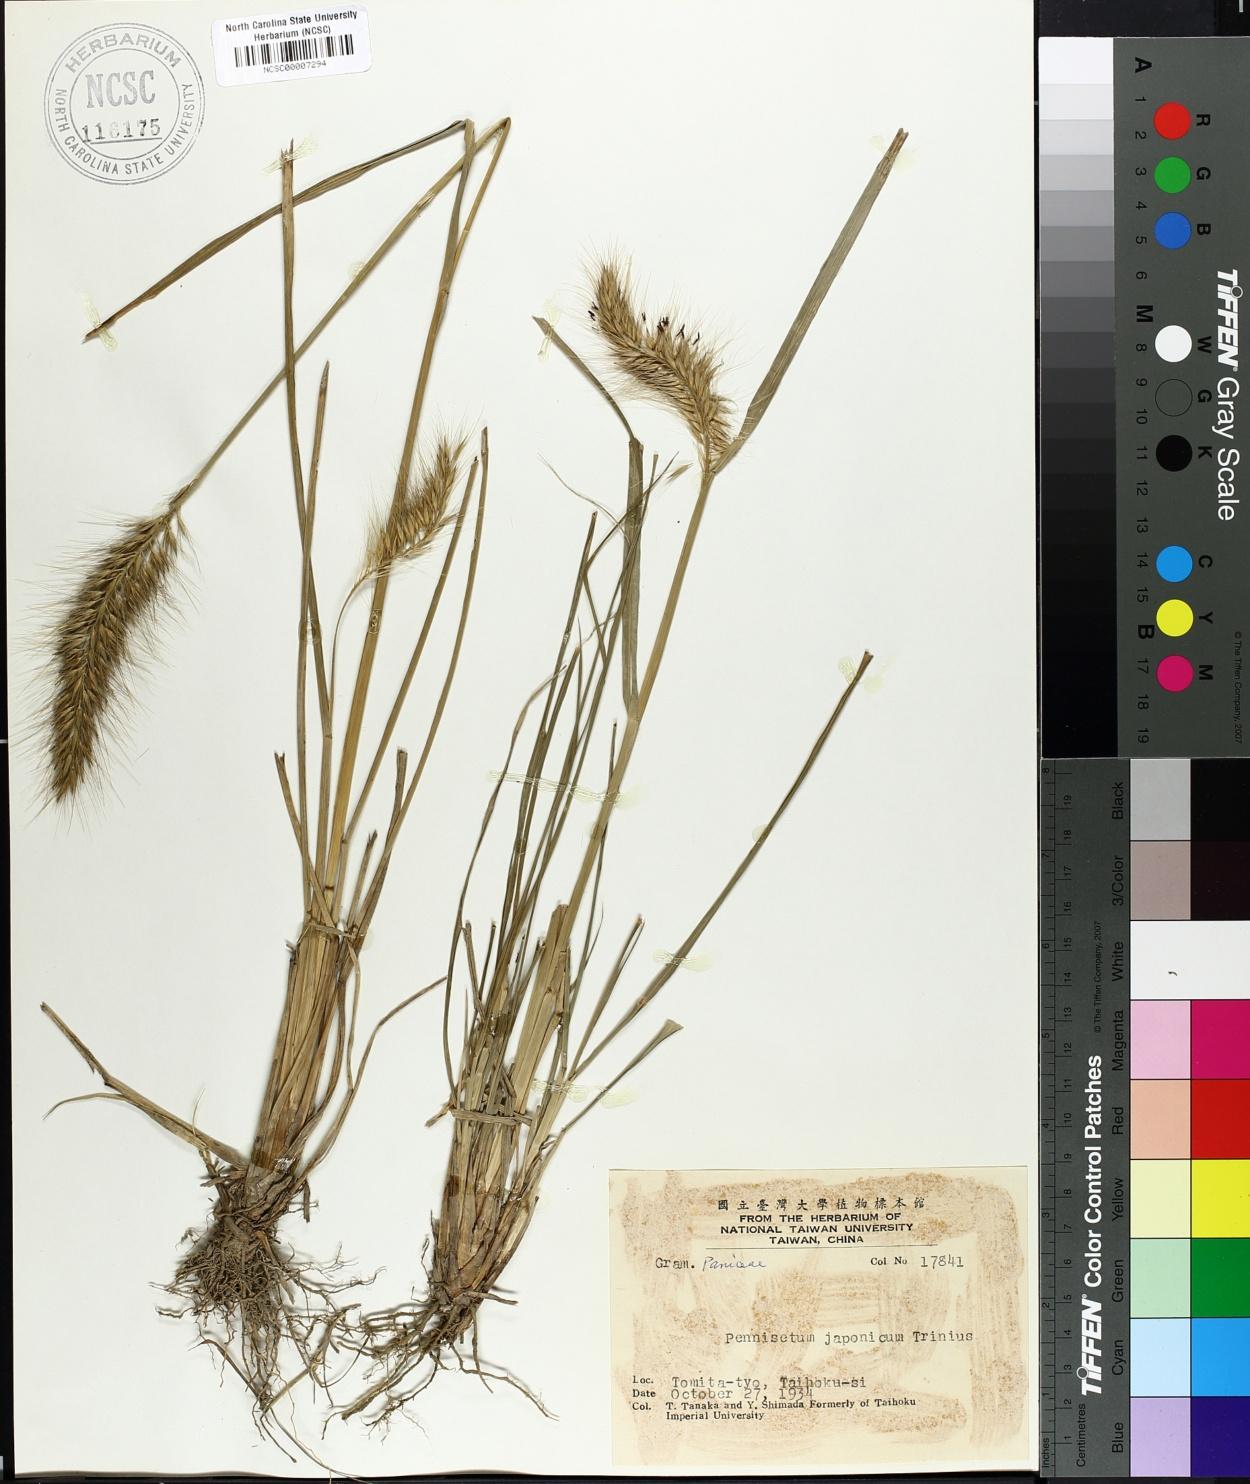 Pennisetum japonicum image